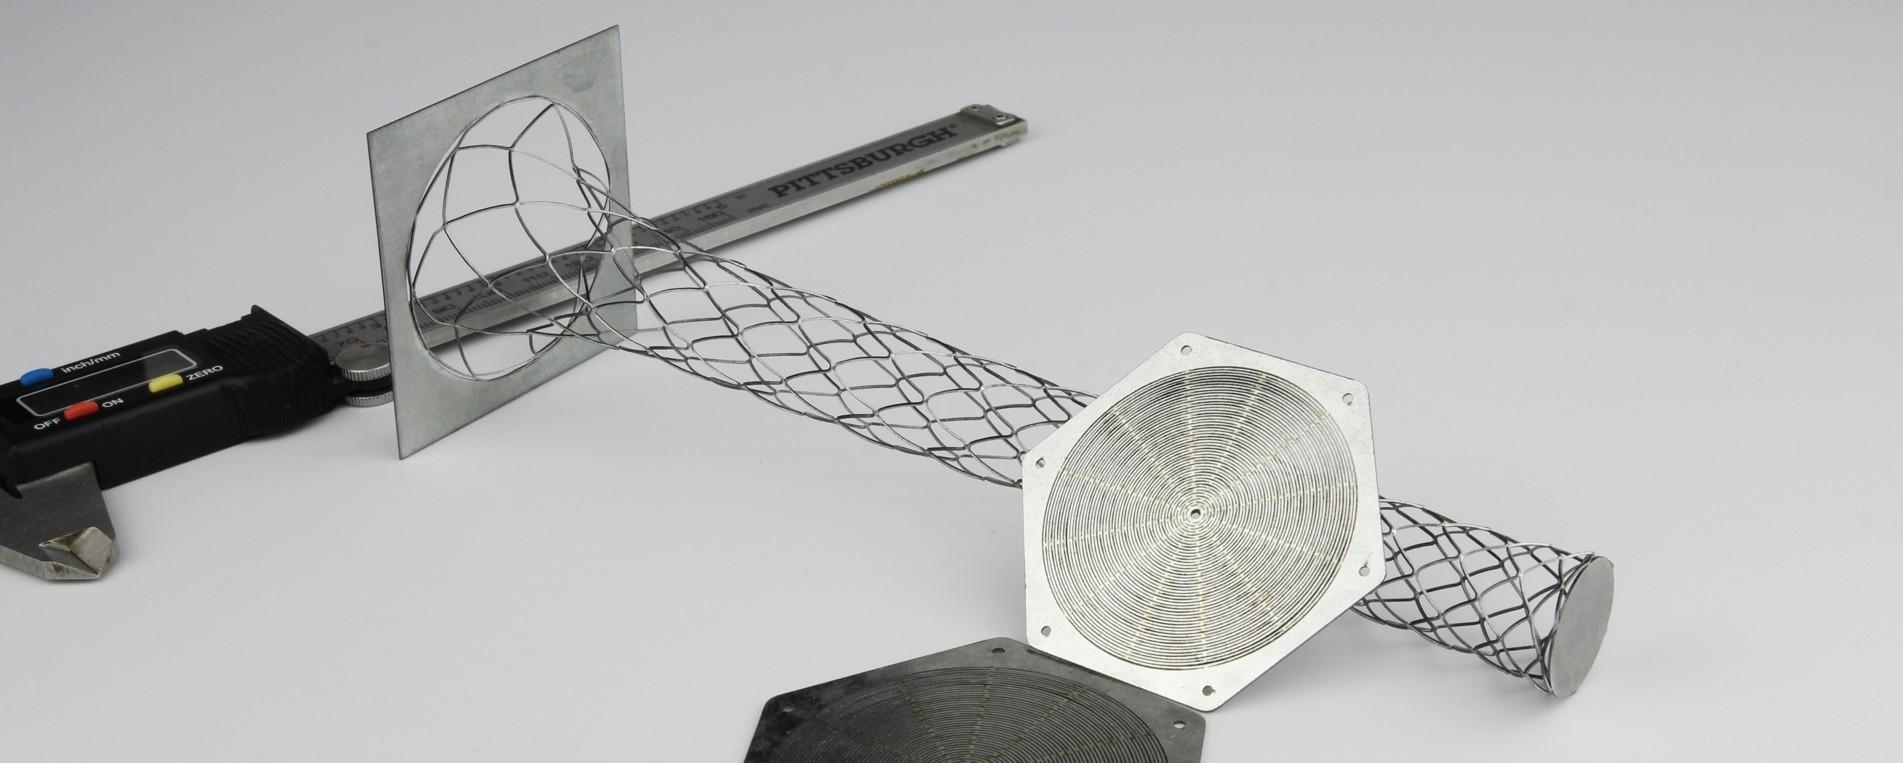 חיתוך ברזל מגלוון בלייזר - אלמנטים עיצוביים